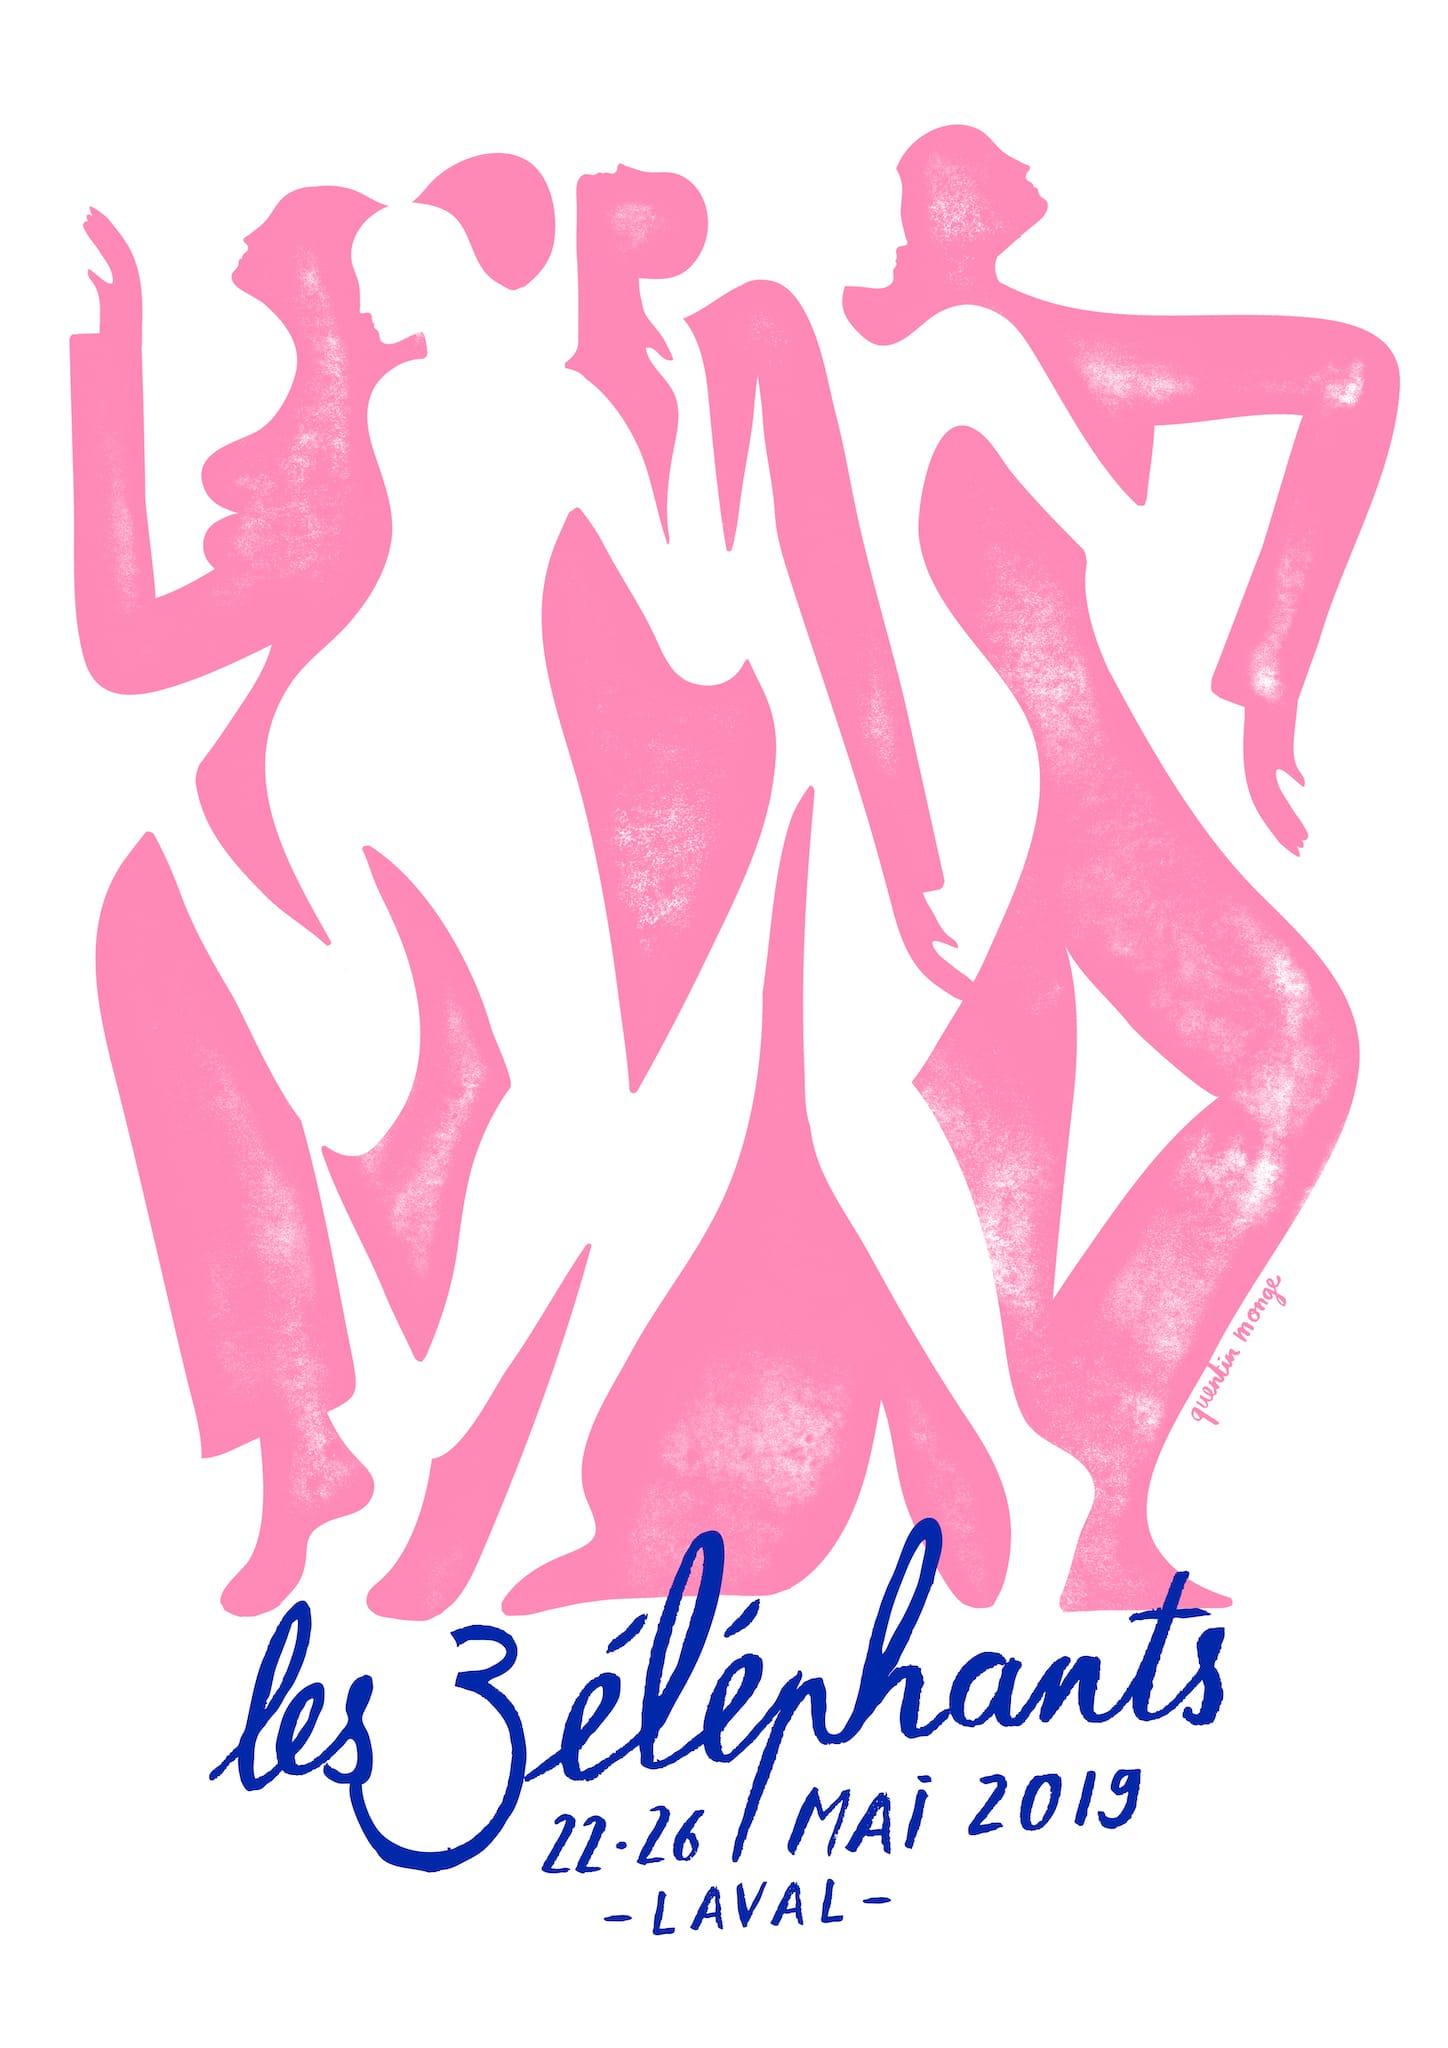 Festival Les 3 Eléphants 2019 AFFICHE musique spectacles